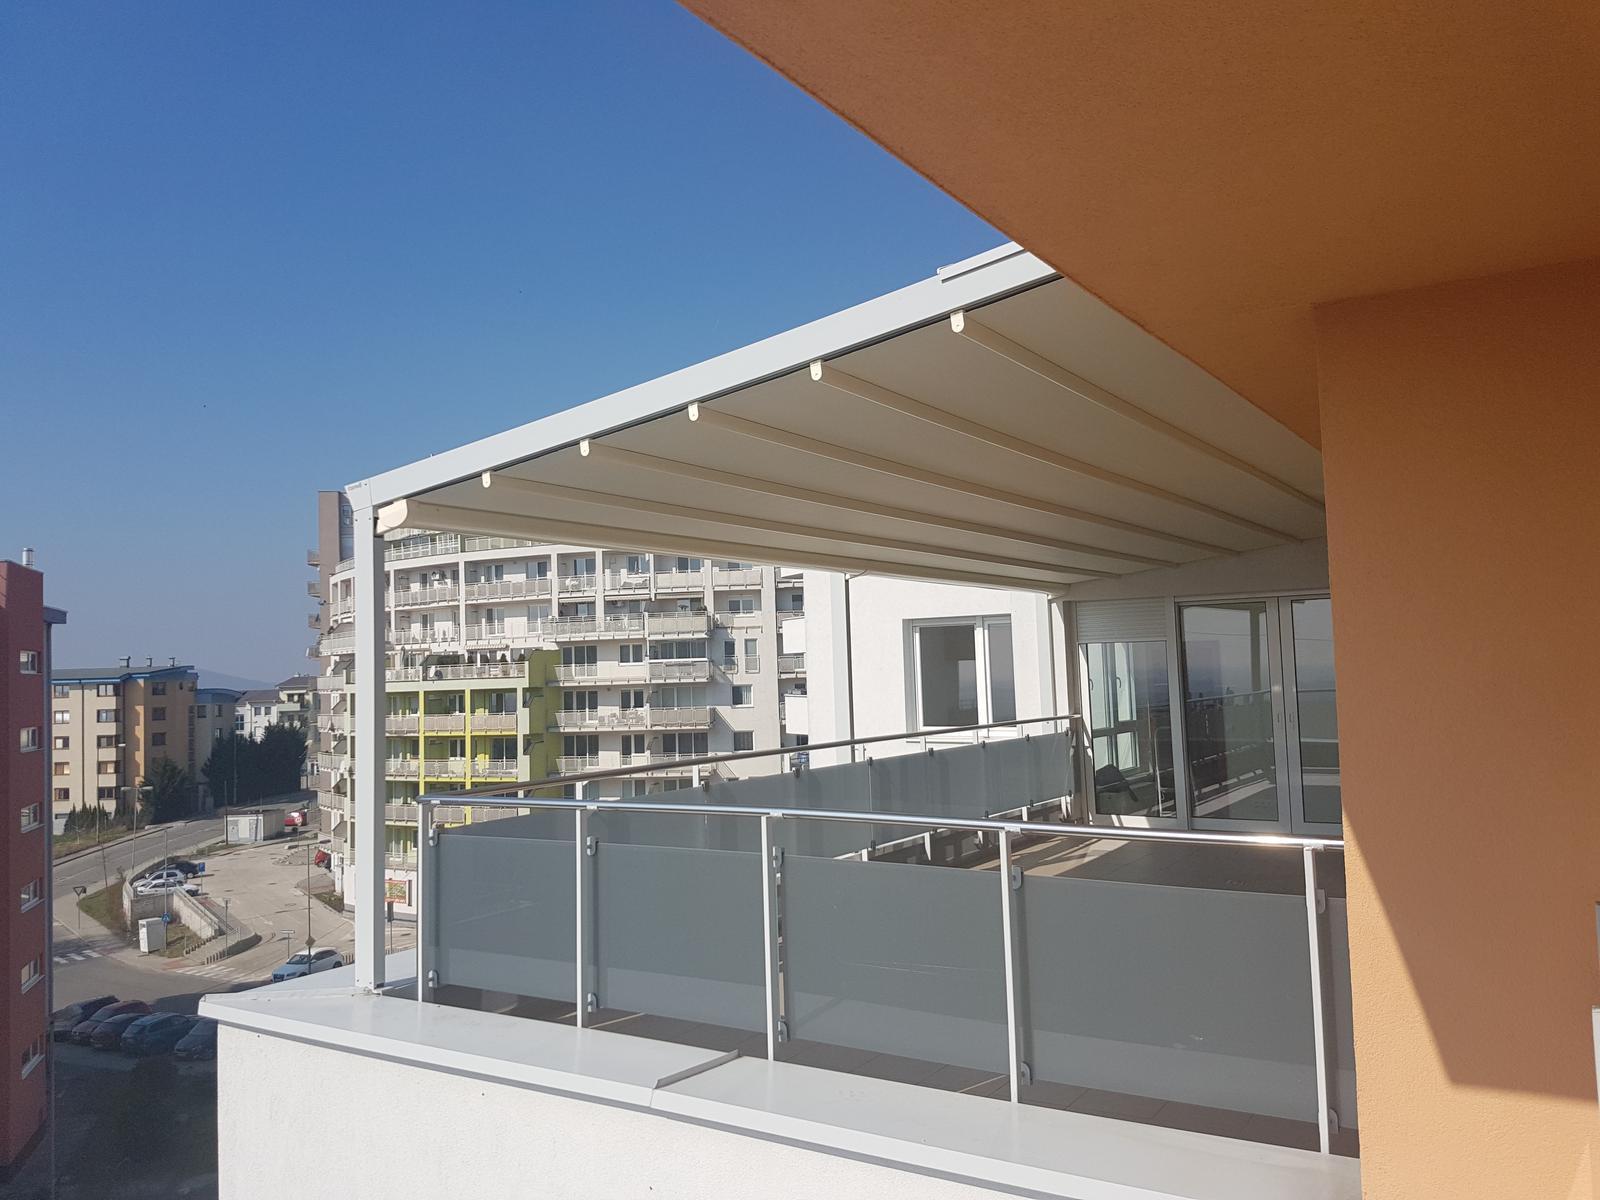 Prestrešenie strešnej terasy odolné voči vetru a dažďu - Pergotenda Palladia. Rozmery : 800 x 354 cm.